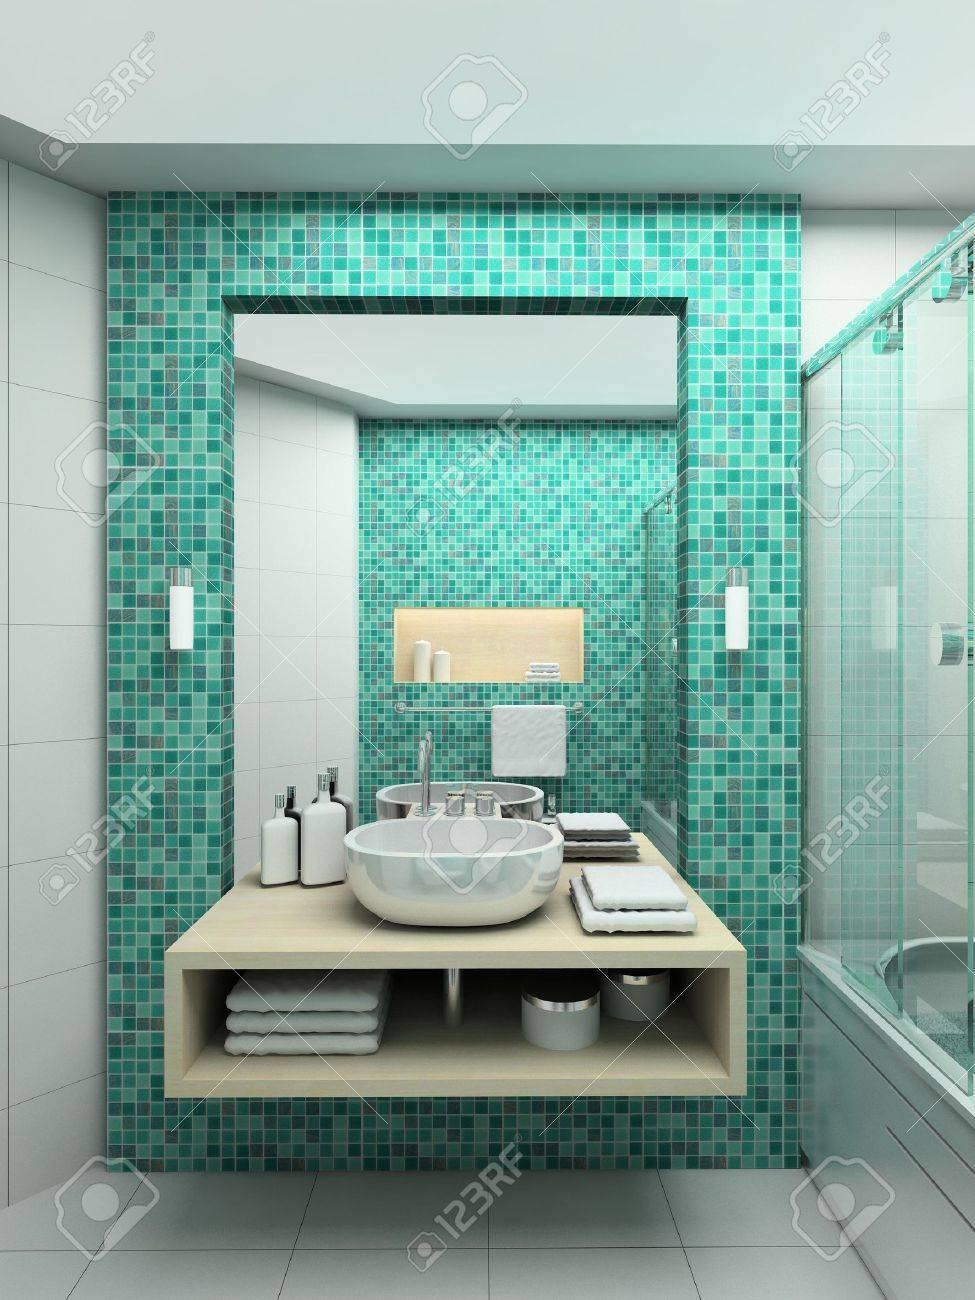 Diseño Baños 3D | Diseno Moderno Interior Del Cuarto De Bano 3d Render Fotos